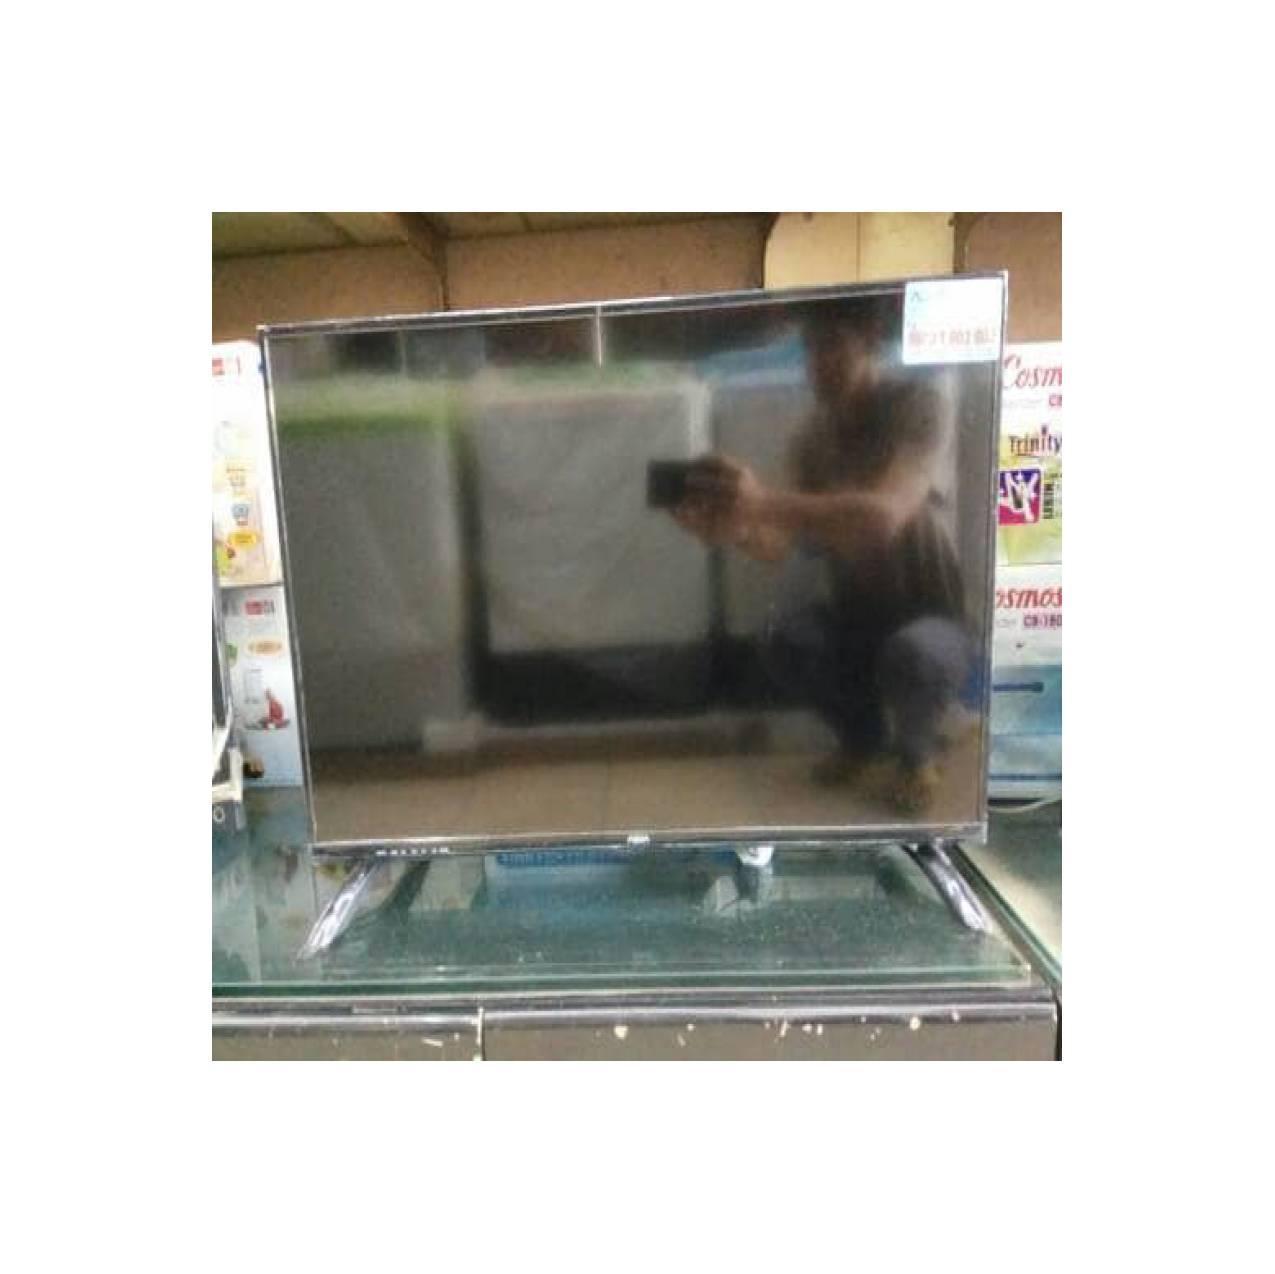 led aqua sanyo 32AQT7000 - tv led sanyo aqua 32 aqt7000 - tv digital